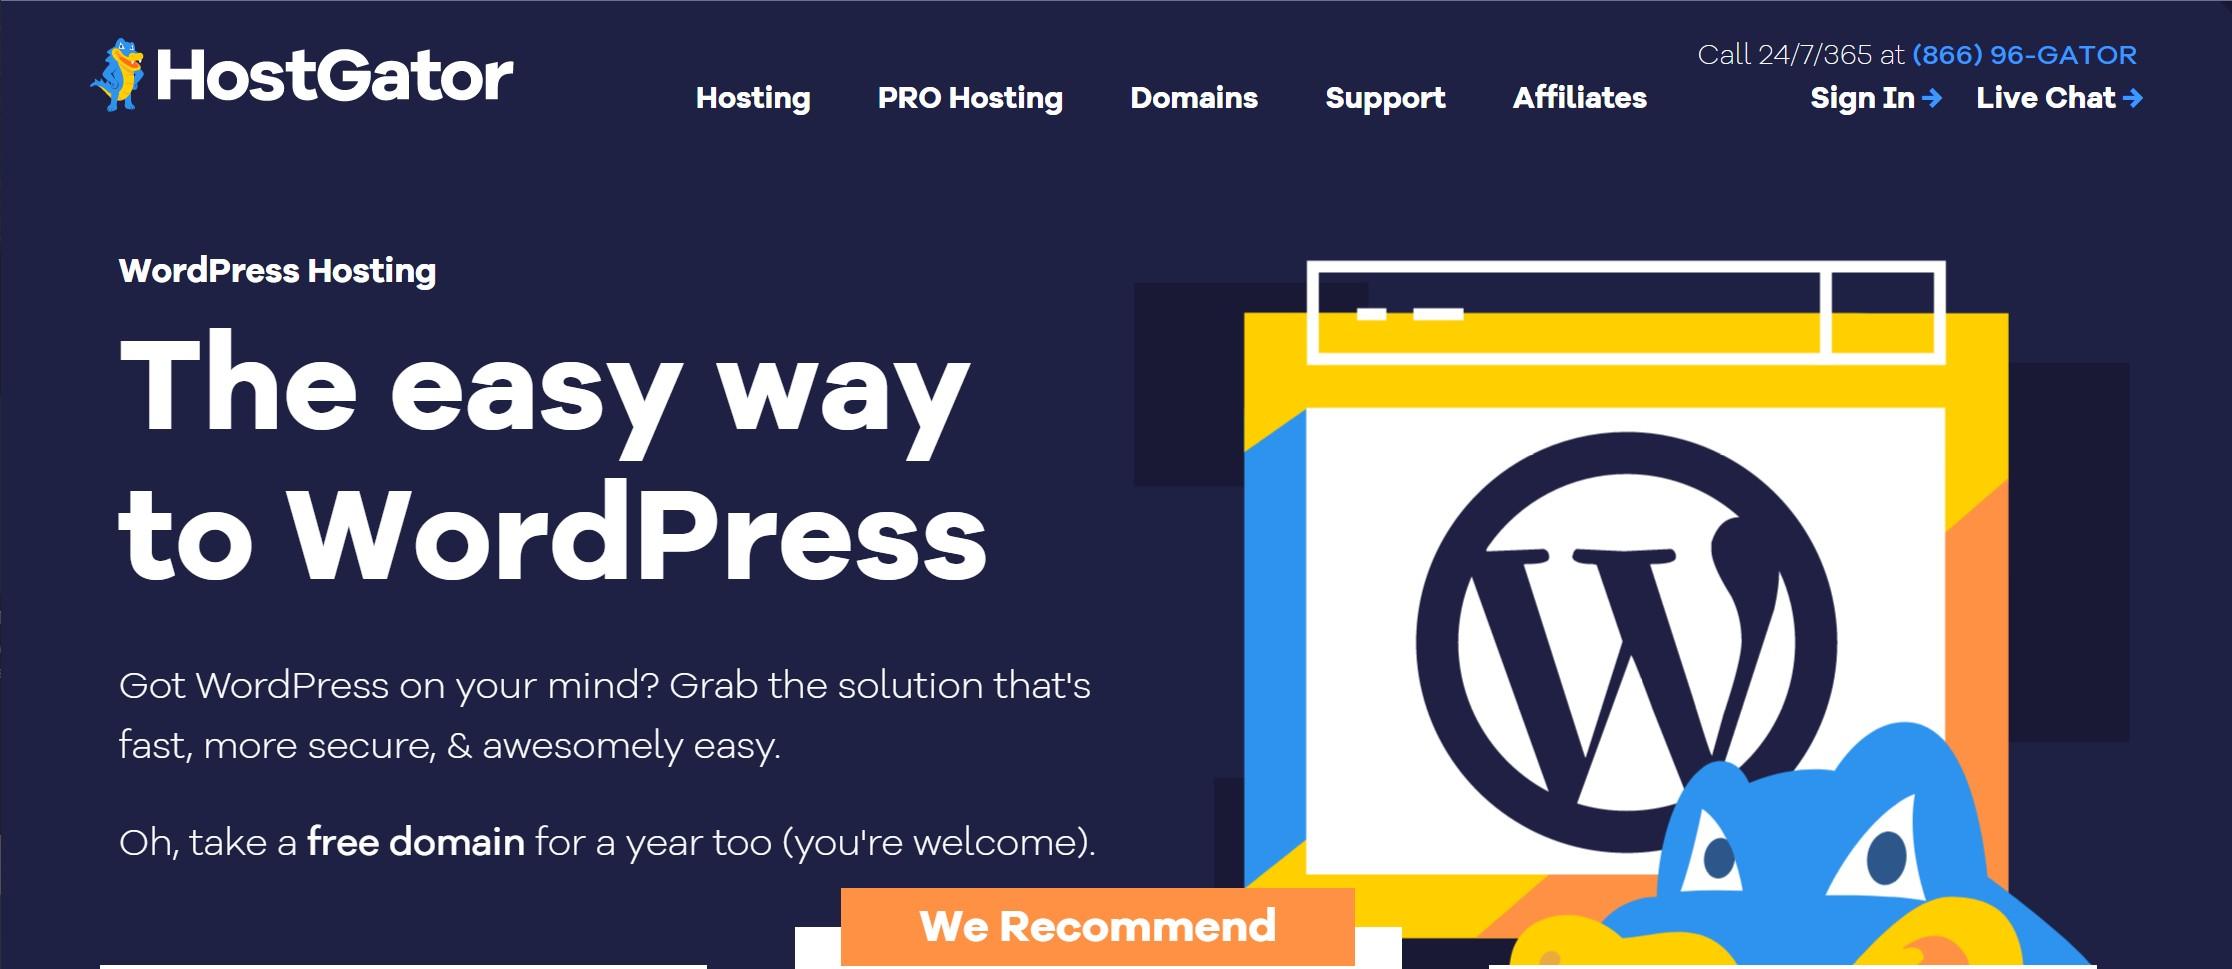 Las mejores 9 opciones de alojamiento de WordPress comparadas (2021) - Las mejores 9 opciones de alojamiento de WordPress comparadas 2021